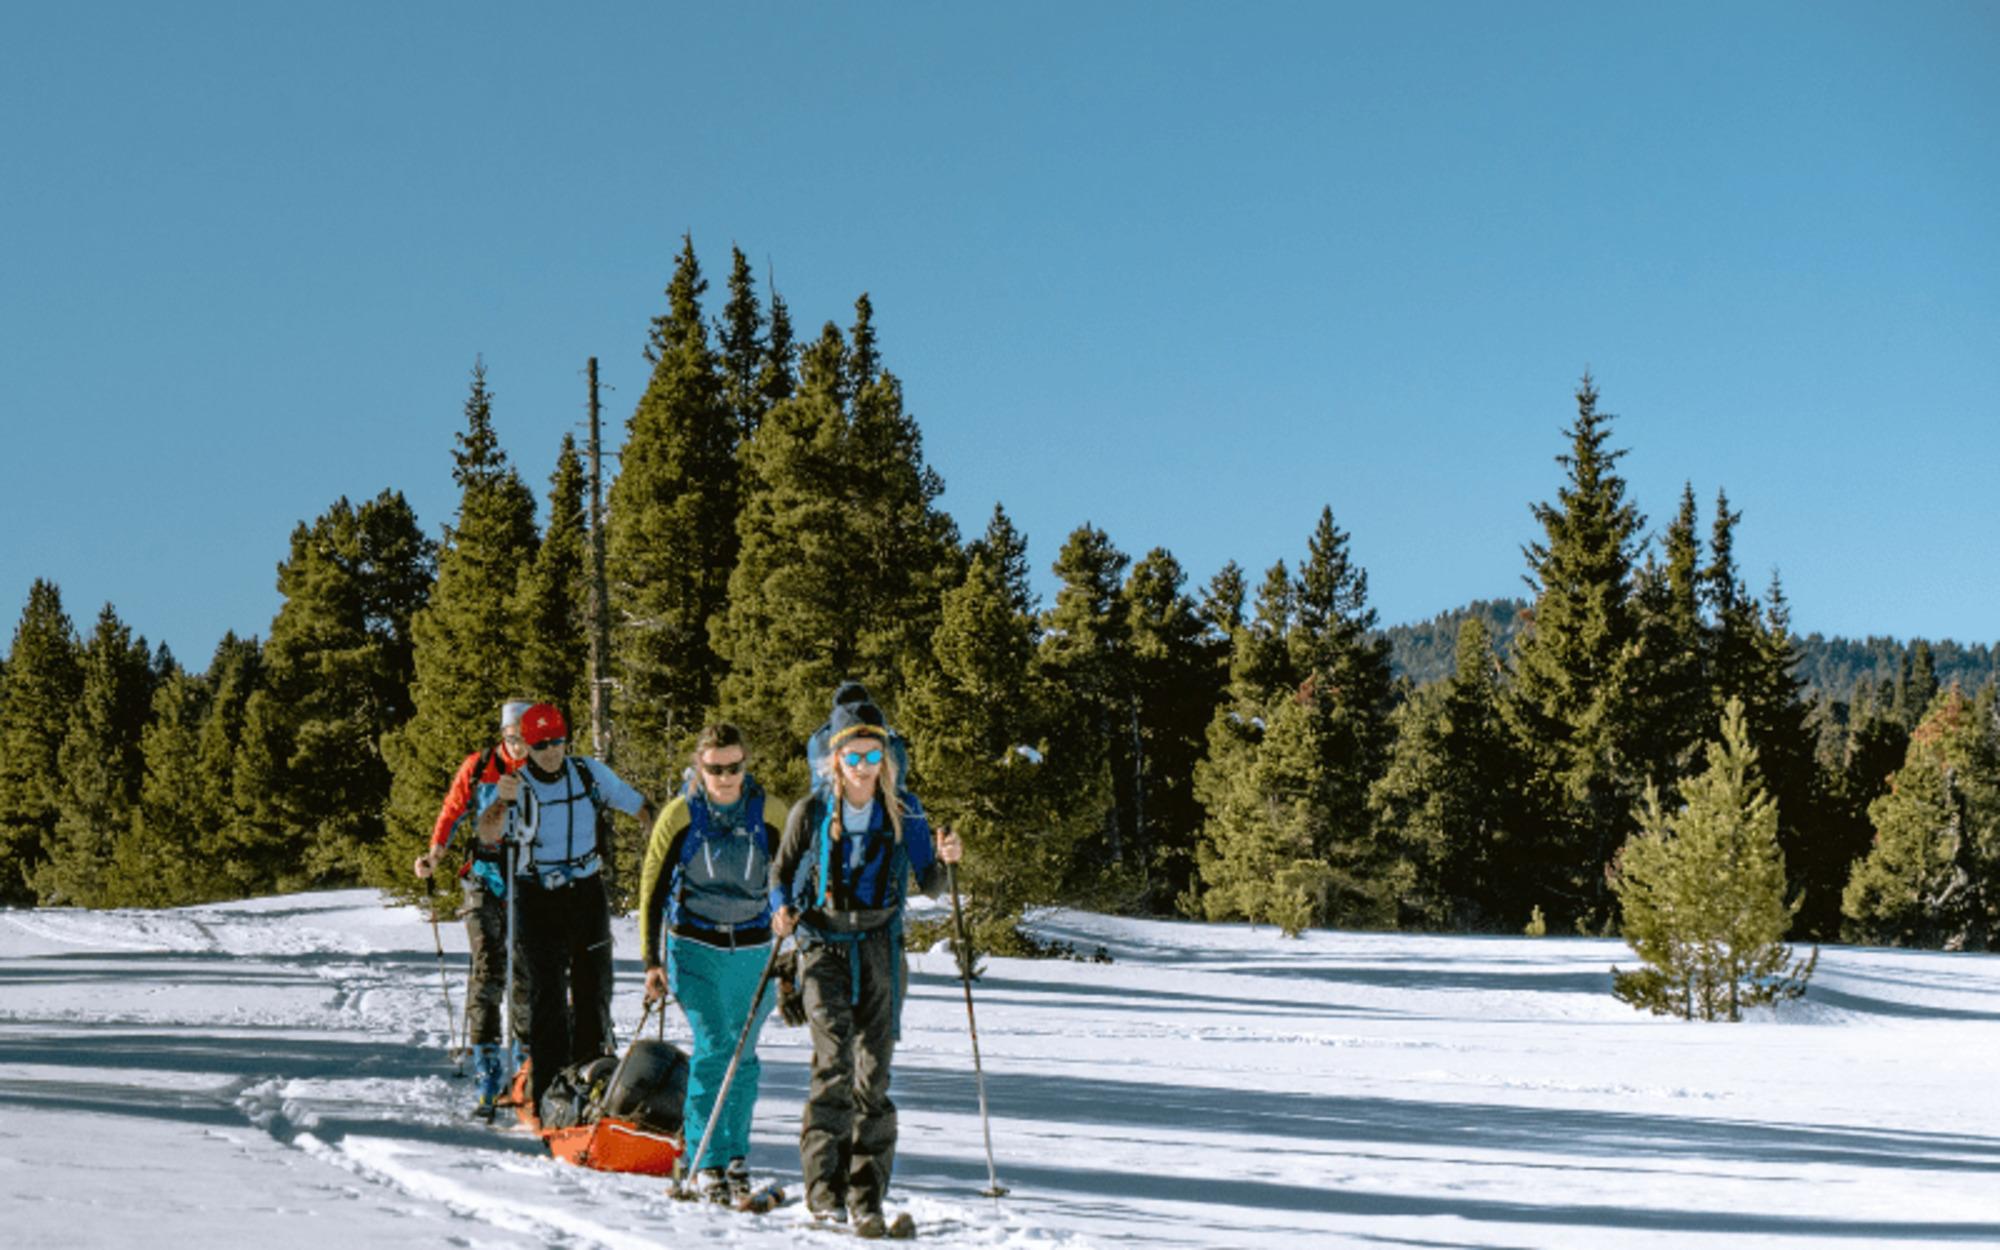 Récit d'aventure : 4 jours en ski- pulka pour explorer le Vercors façon expédition polaire !